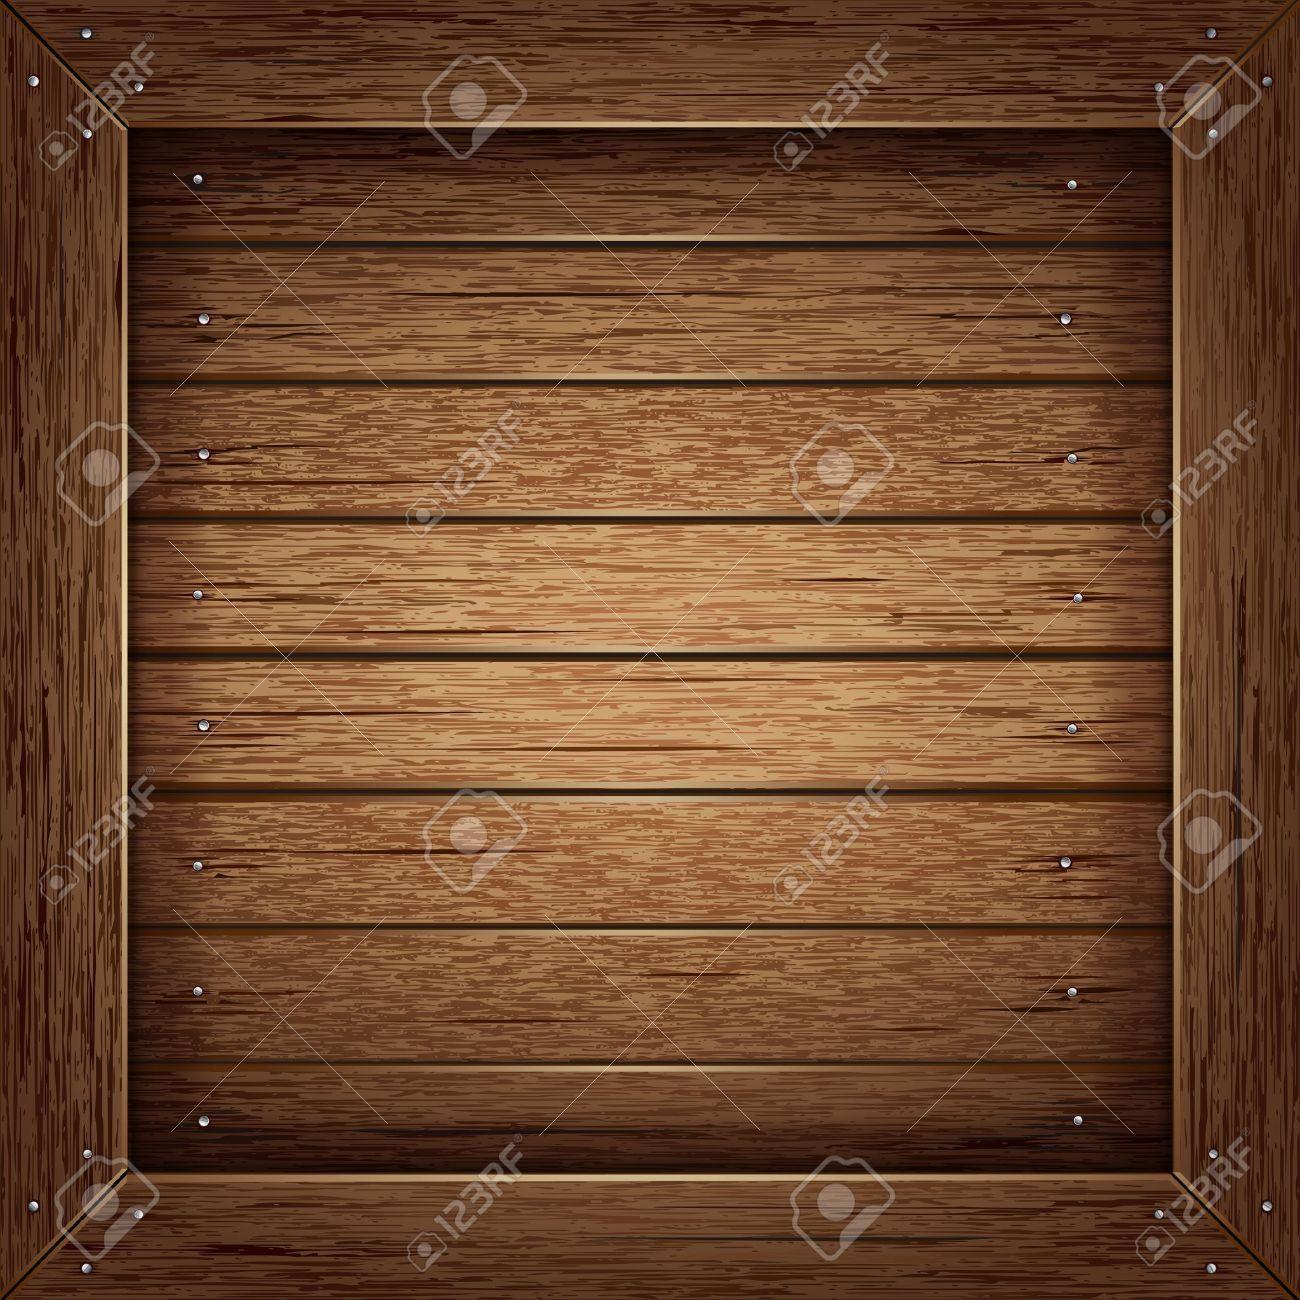 Wooden texture background Stock Vector - 13271891